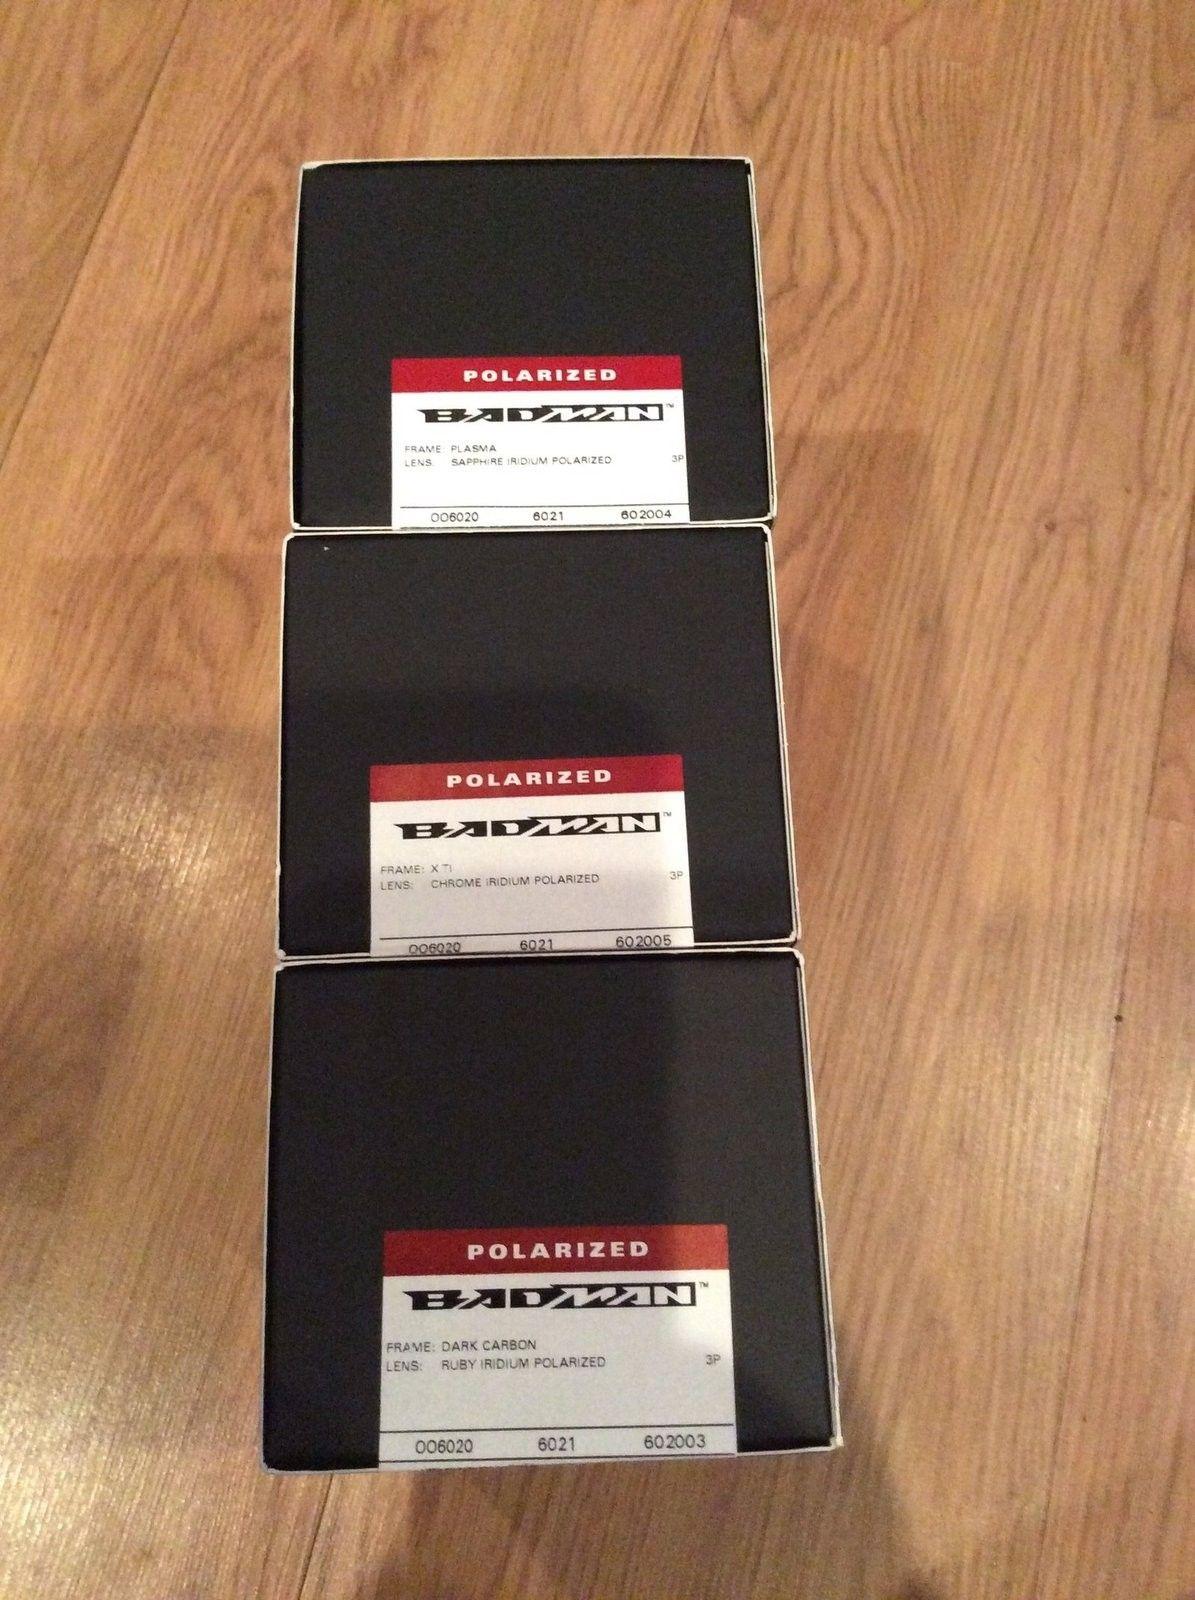 BNIB Madman (3) $225 shipped - image.jpg